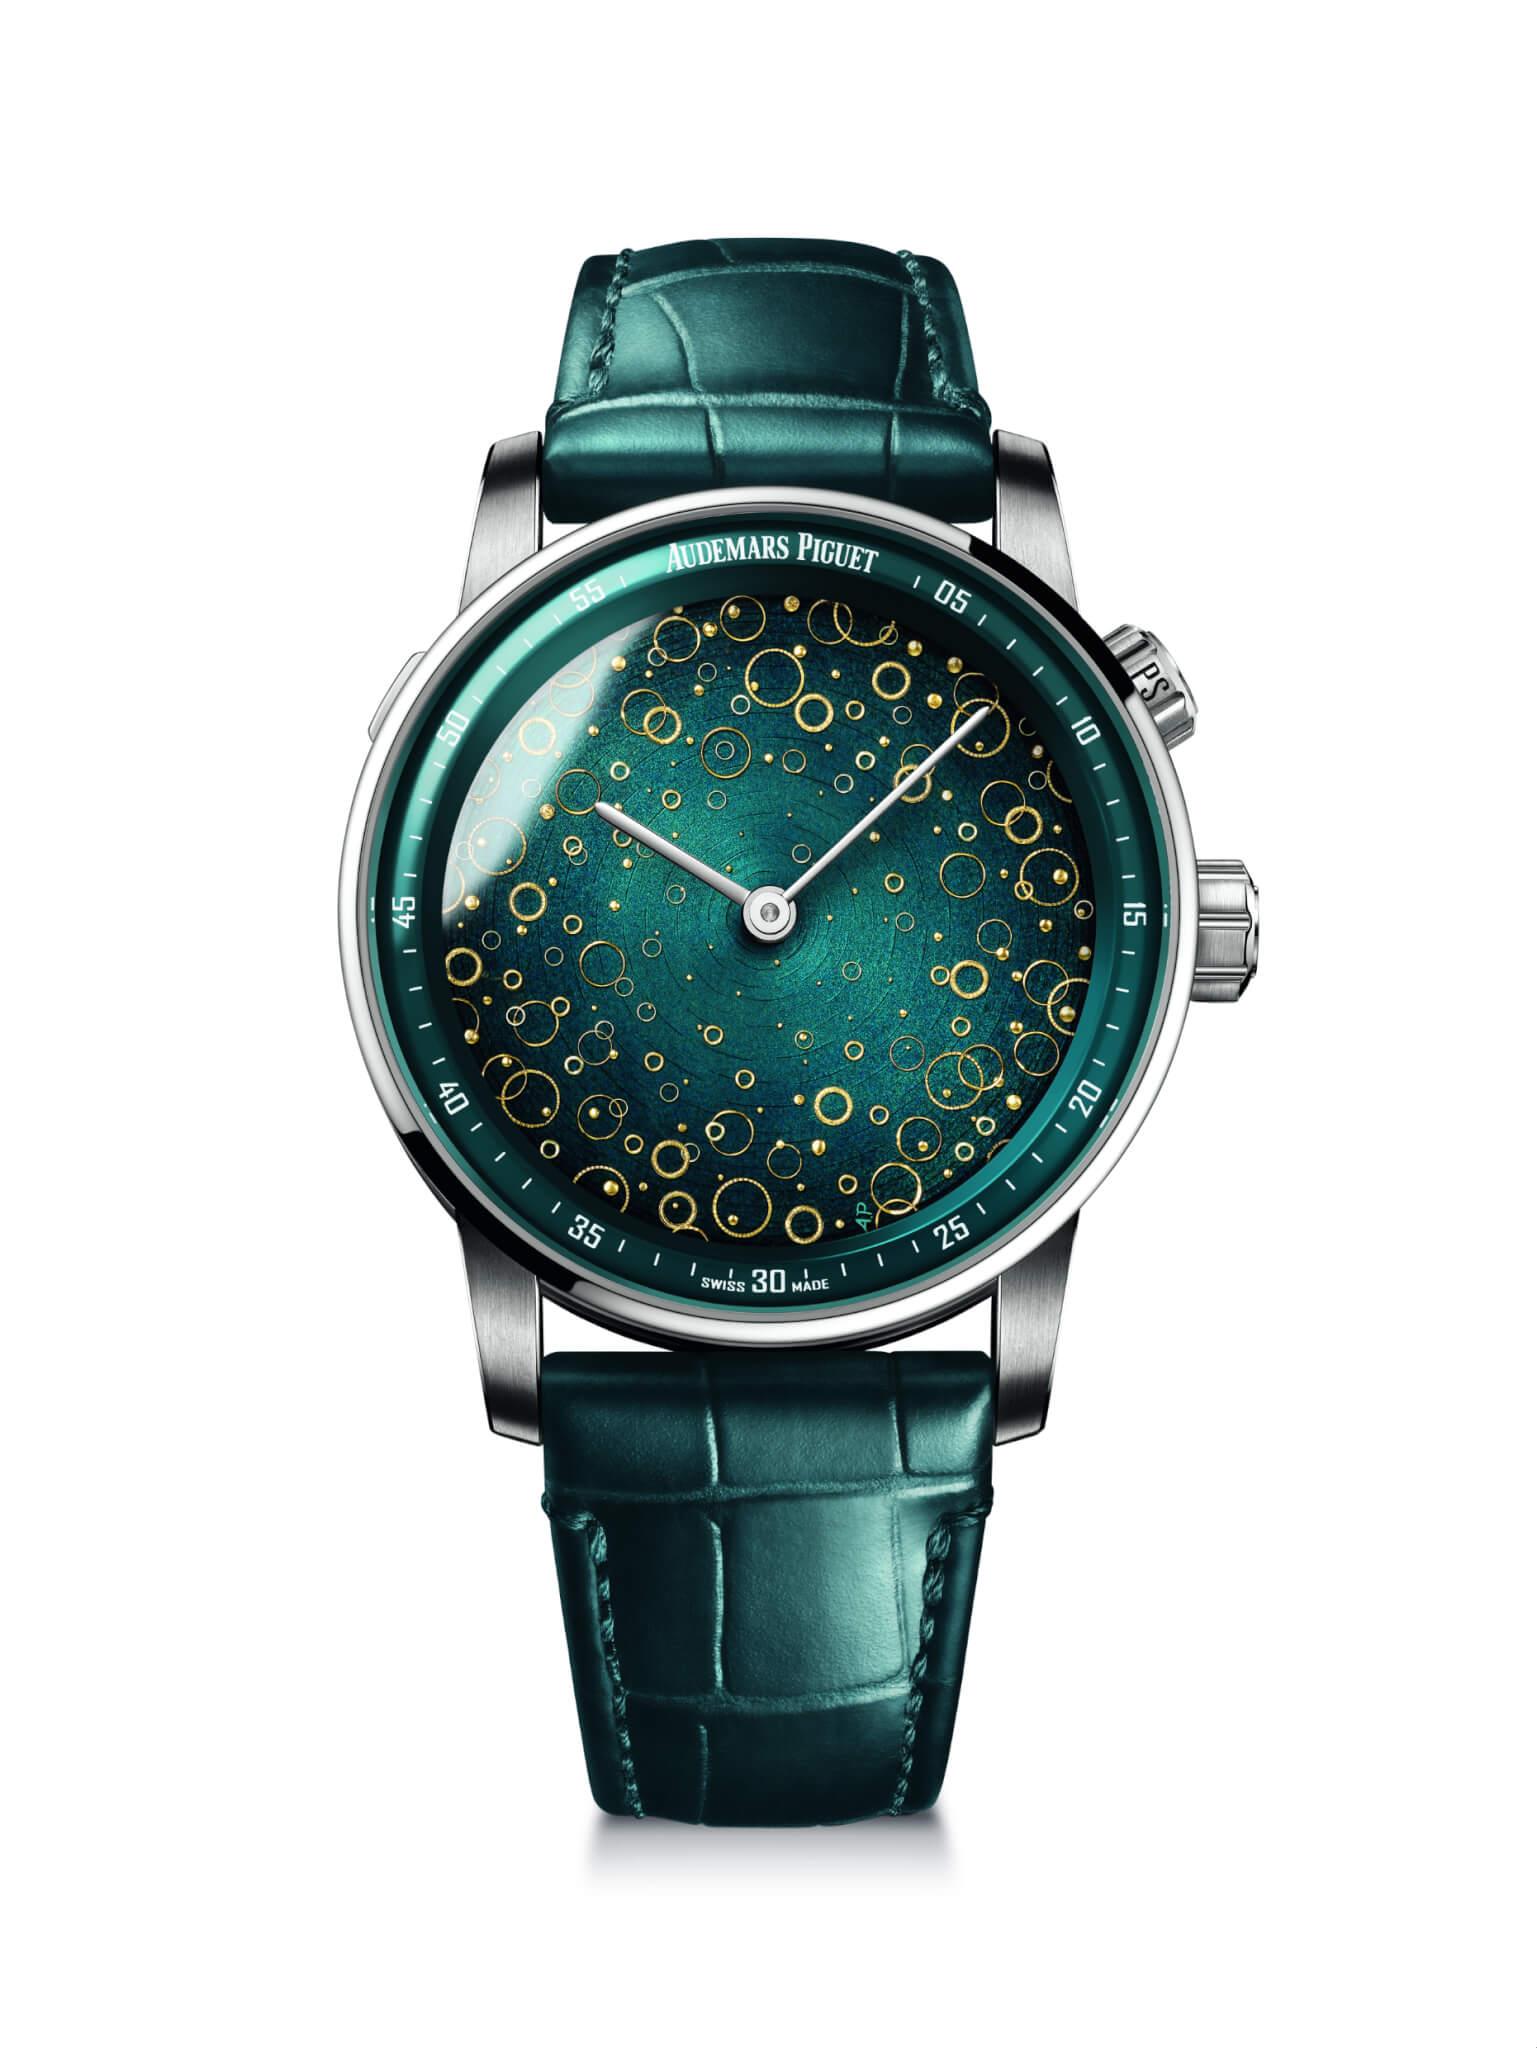 這款錶面是Porchet大師創作的三款琺瑯錶面之一,錶面特意不設時標,以完美保存藝術作品的美感。